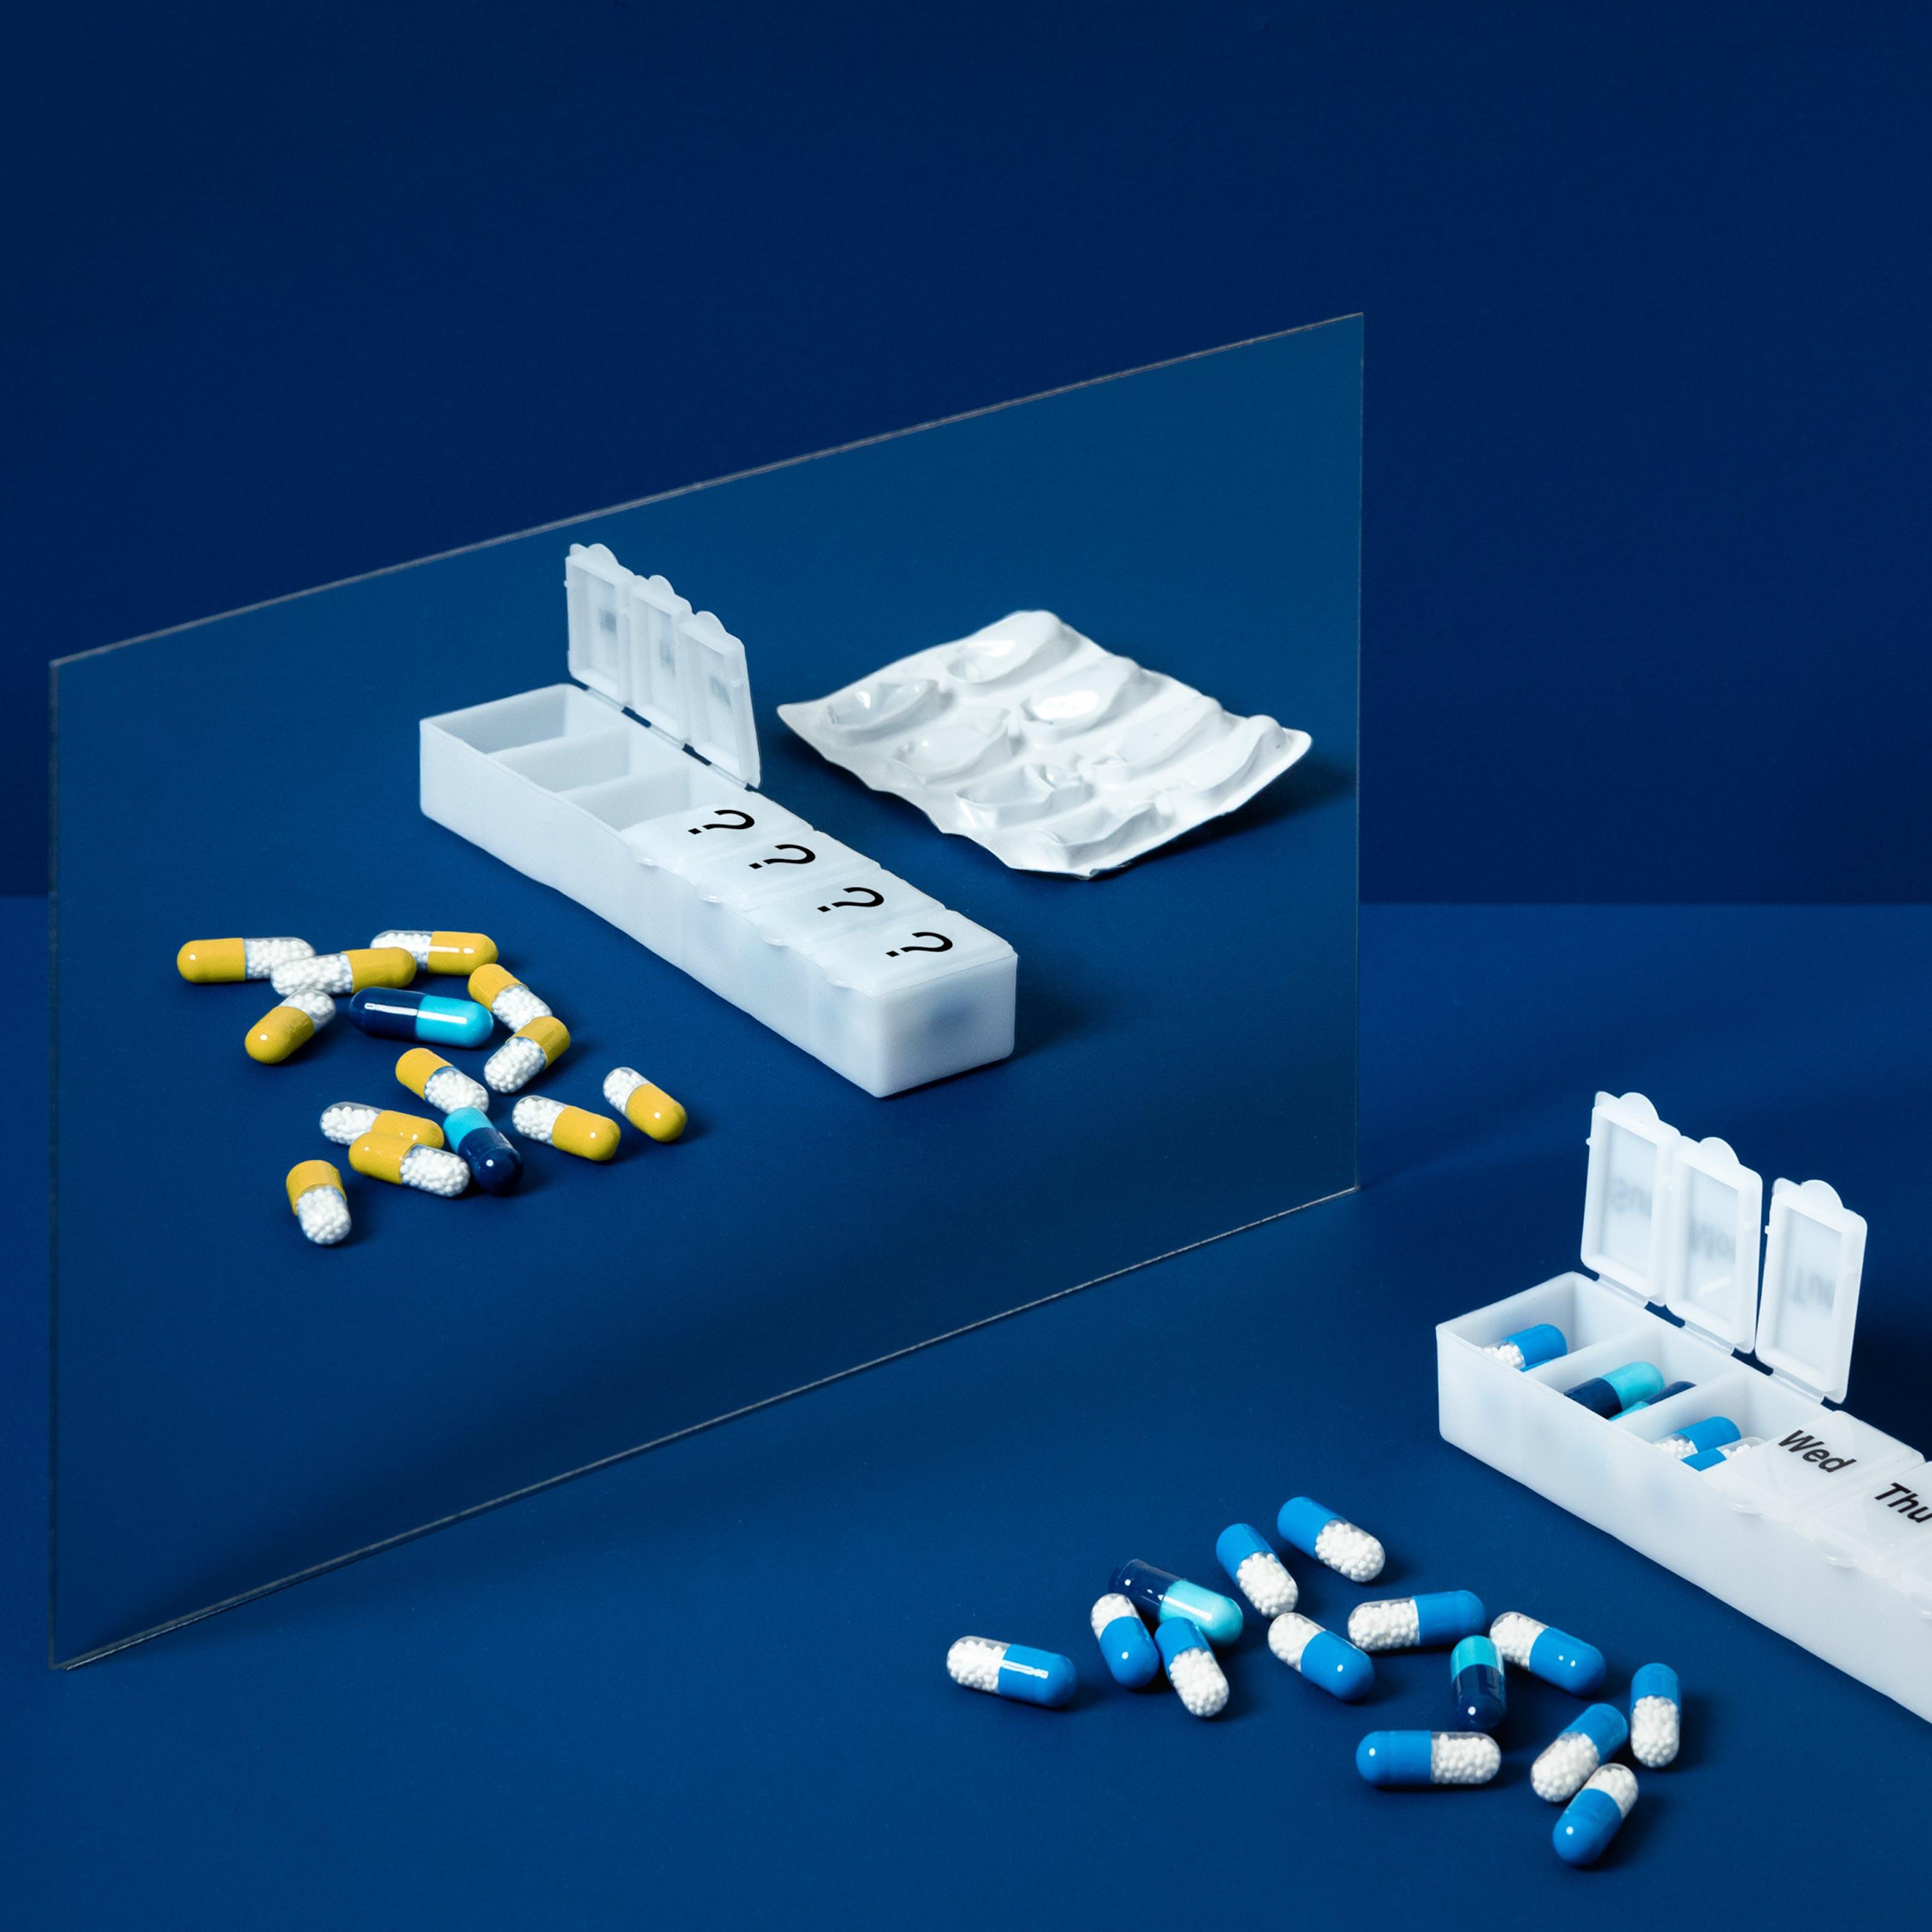 蓝色背景上一面镜子的照片。照片的前景是一个药瓶,上面标有一周的日期,还有一些松散的蓝色和白色药丸。在镜子的映照下,药丸是黄色的。